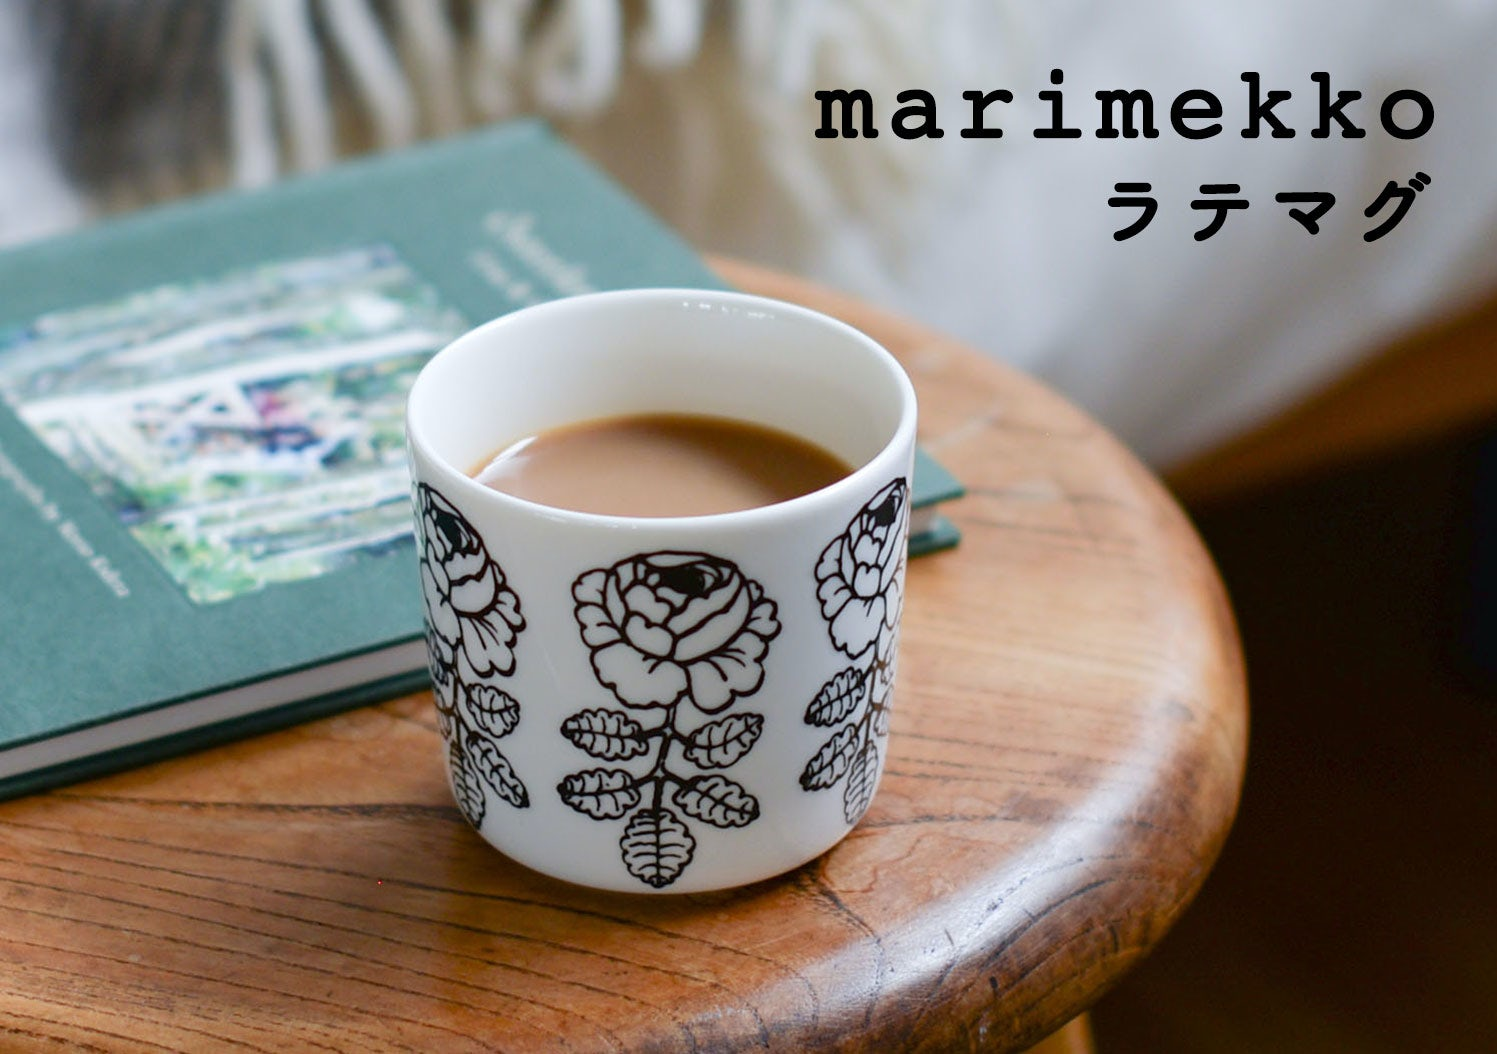 marimekko/マリメッコ/VIHKIRUUSUの画像